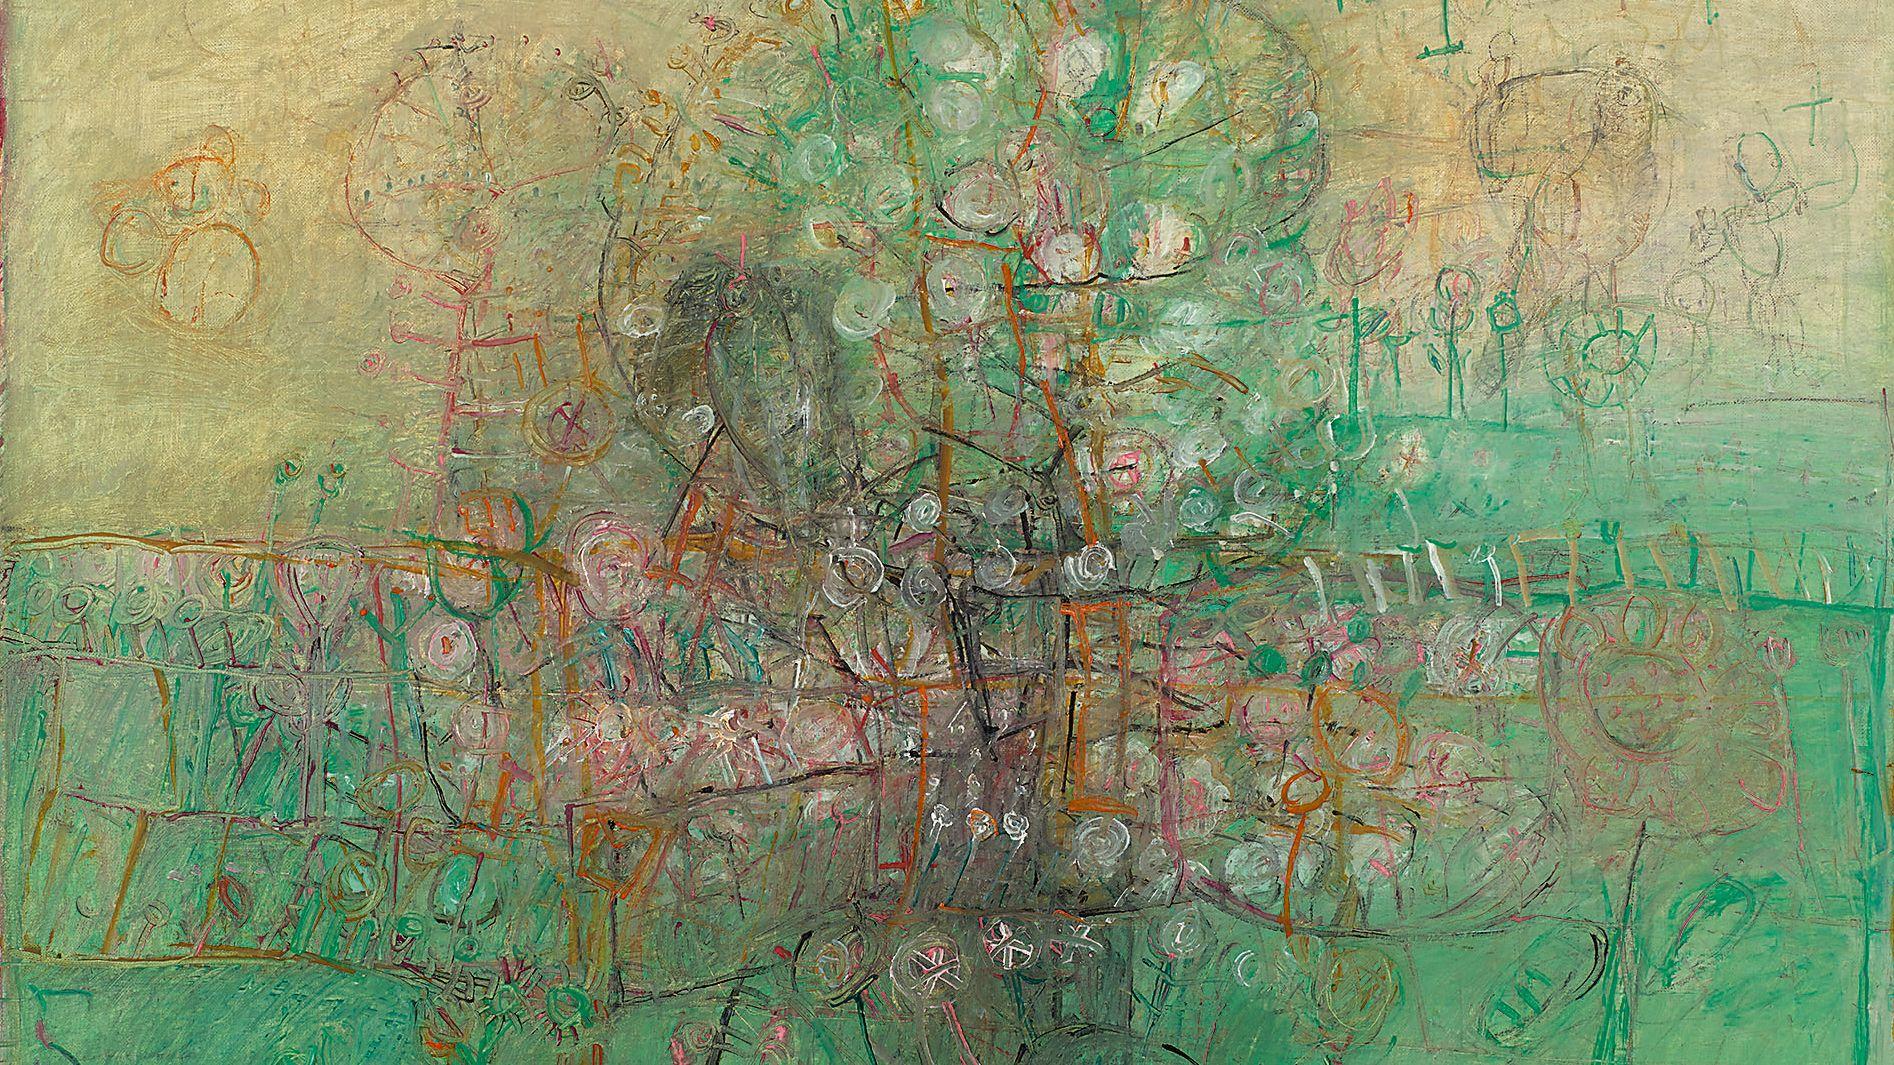 """Abstraktes Gemälde von Rudi Tröger, """"Ohne Titel (landschaftlich grün)"""", 1964: Rote, ockerfarbene, weiße und schwarze Strukturen vor grünem Hintergrund"""